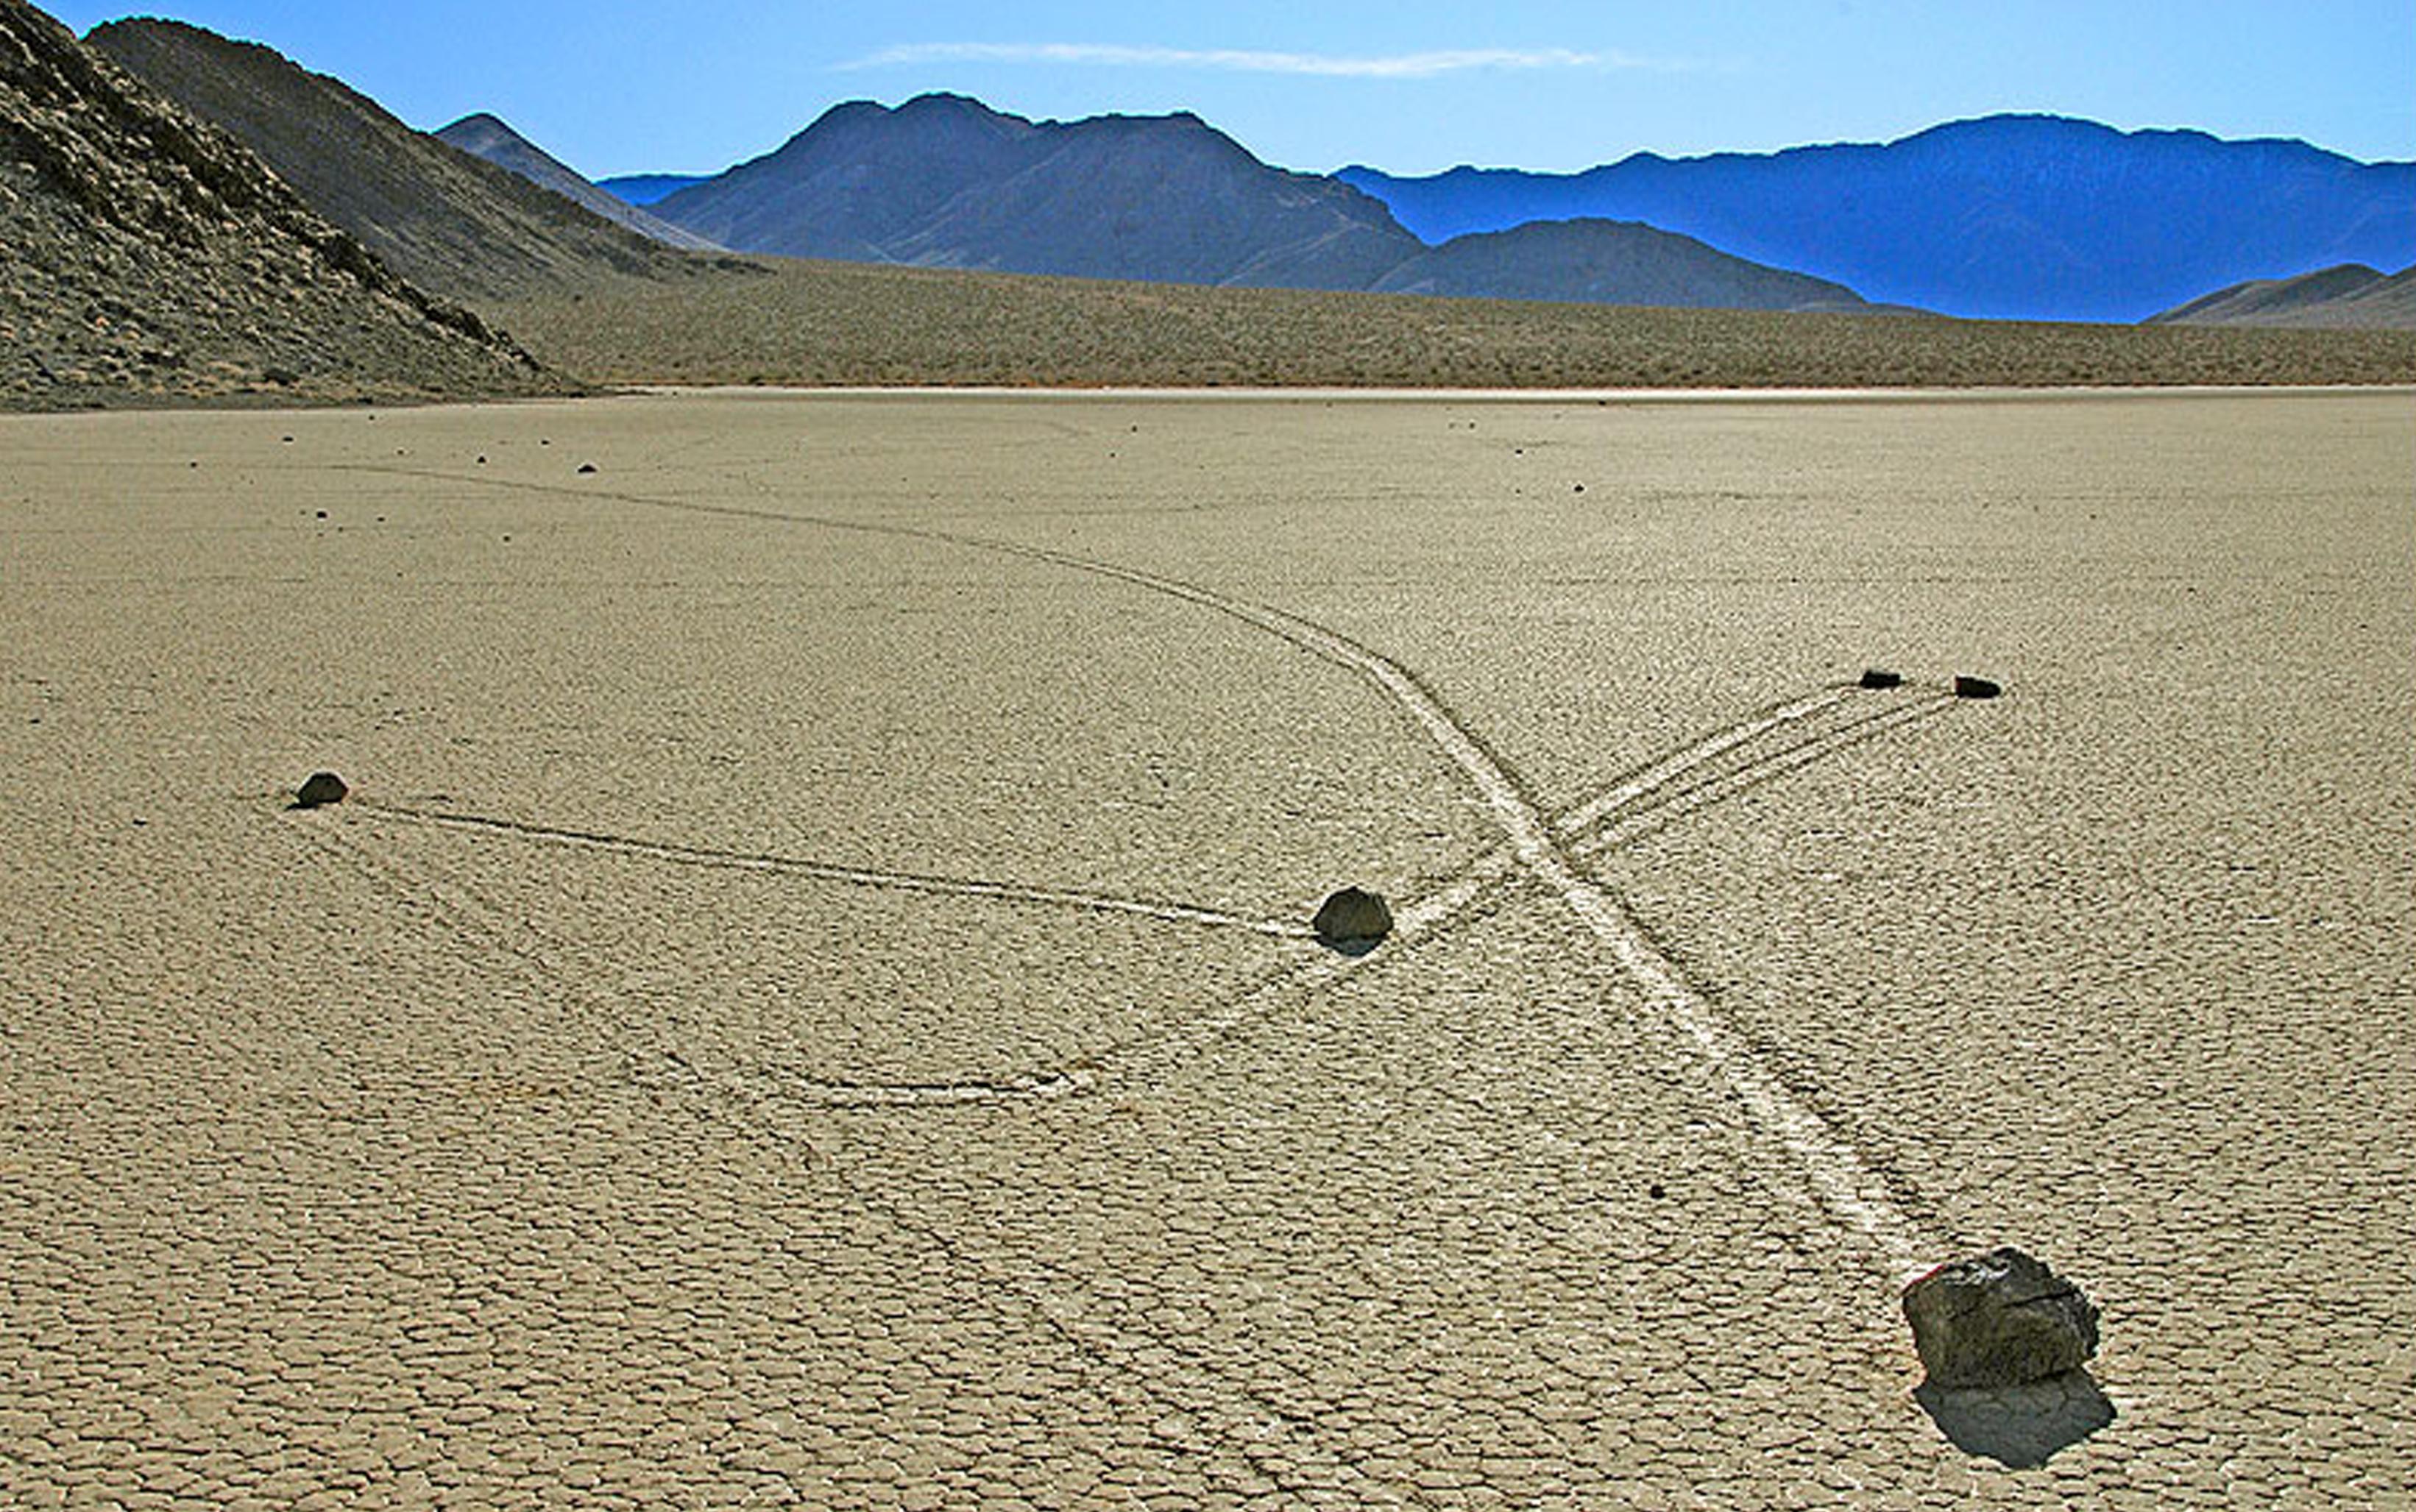 Sliding rocks, il mistero della Death Valley